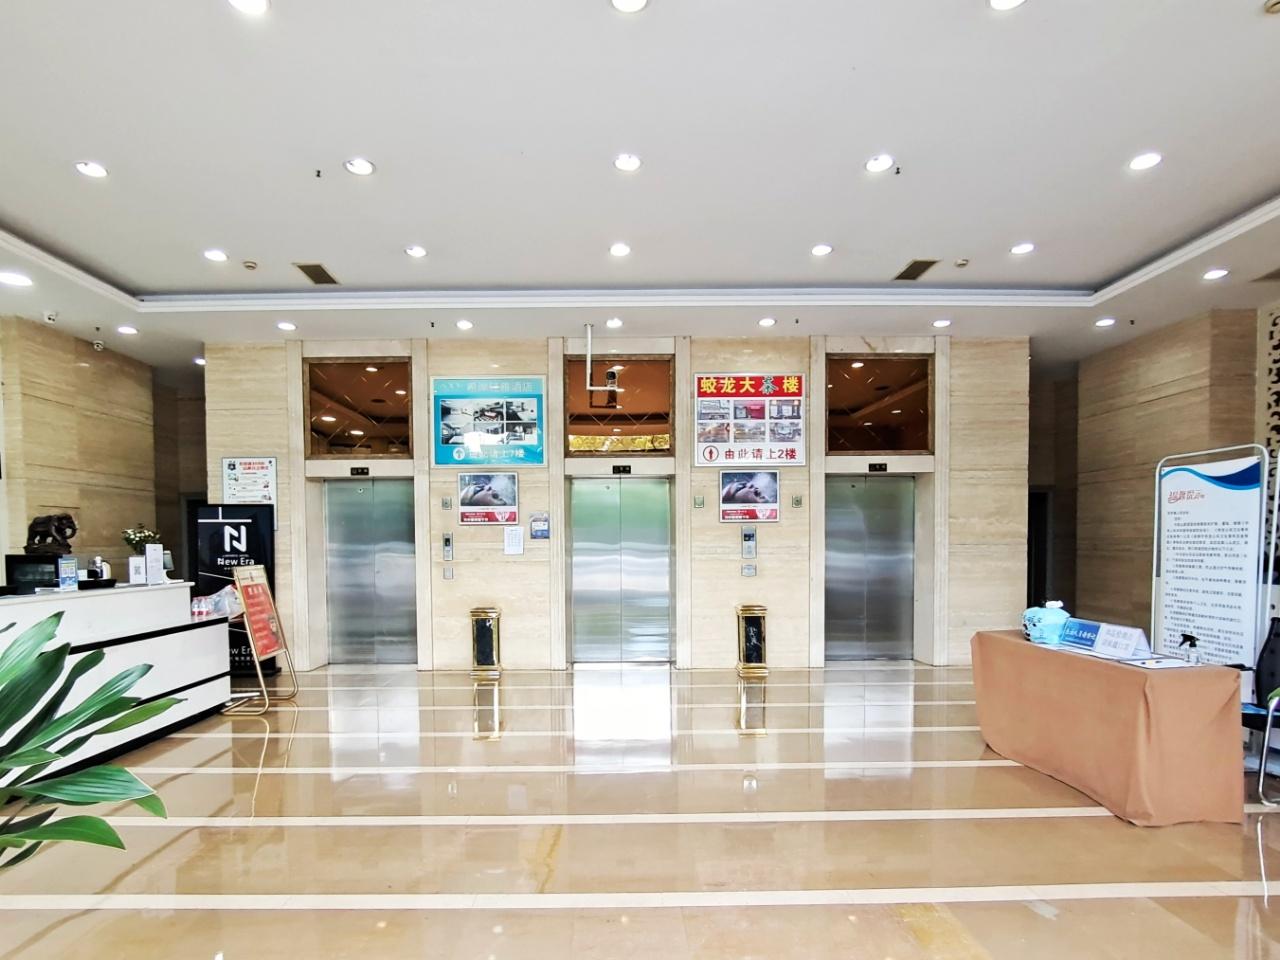 海港广场十五座丨国际经济园区100-220平米全套定制,生活办公一体化